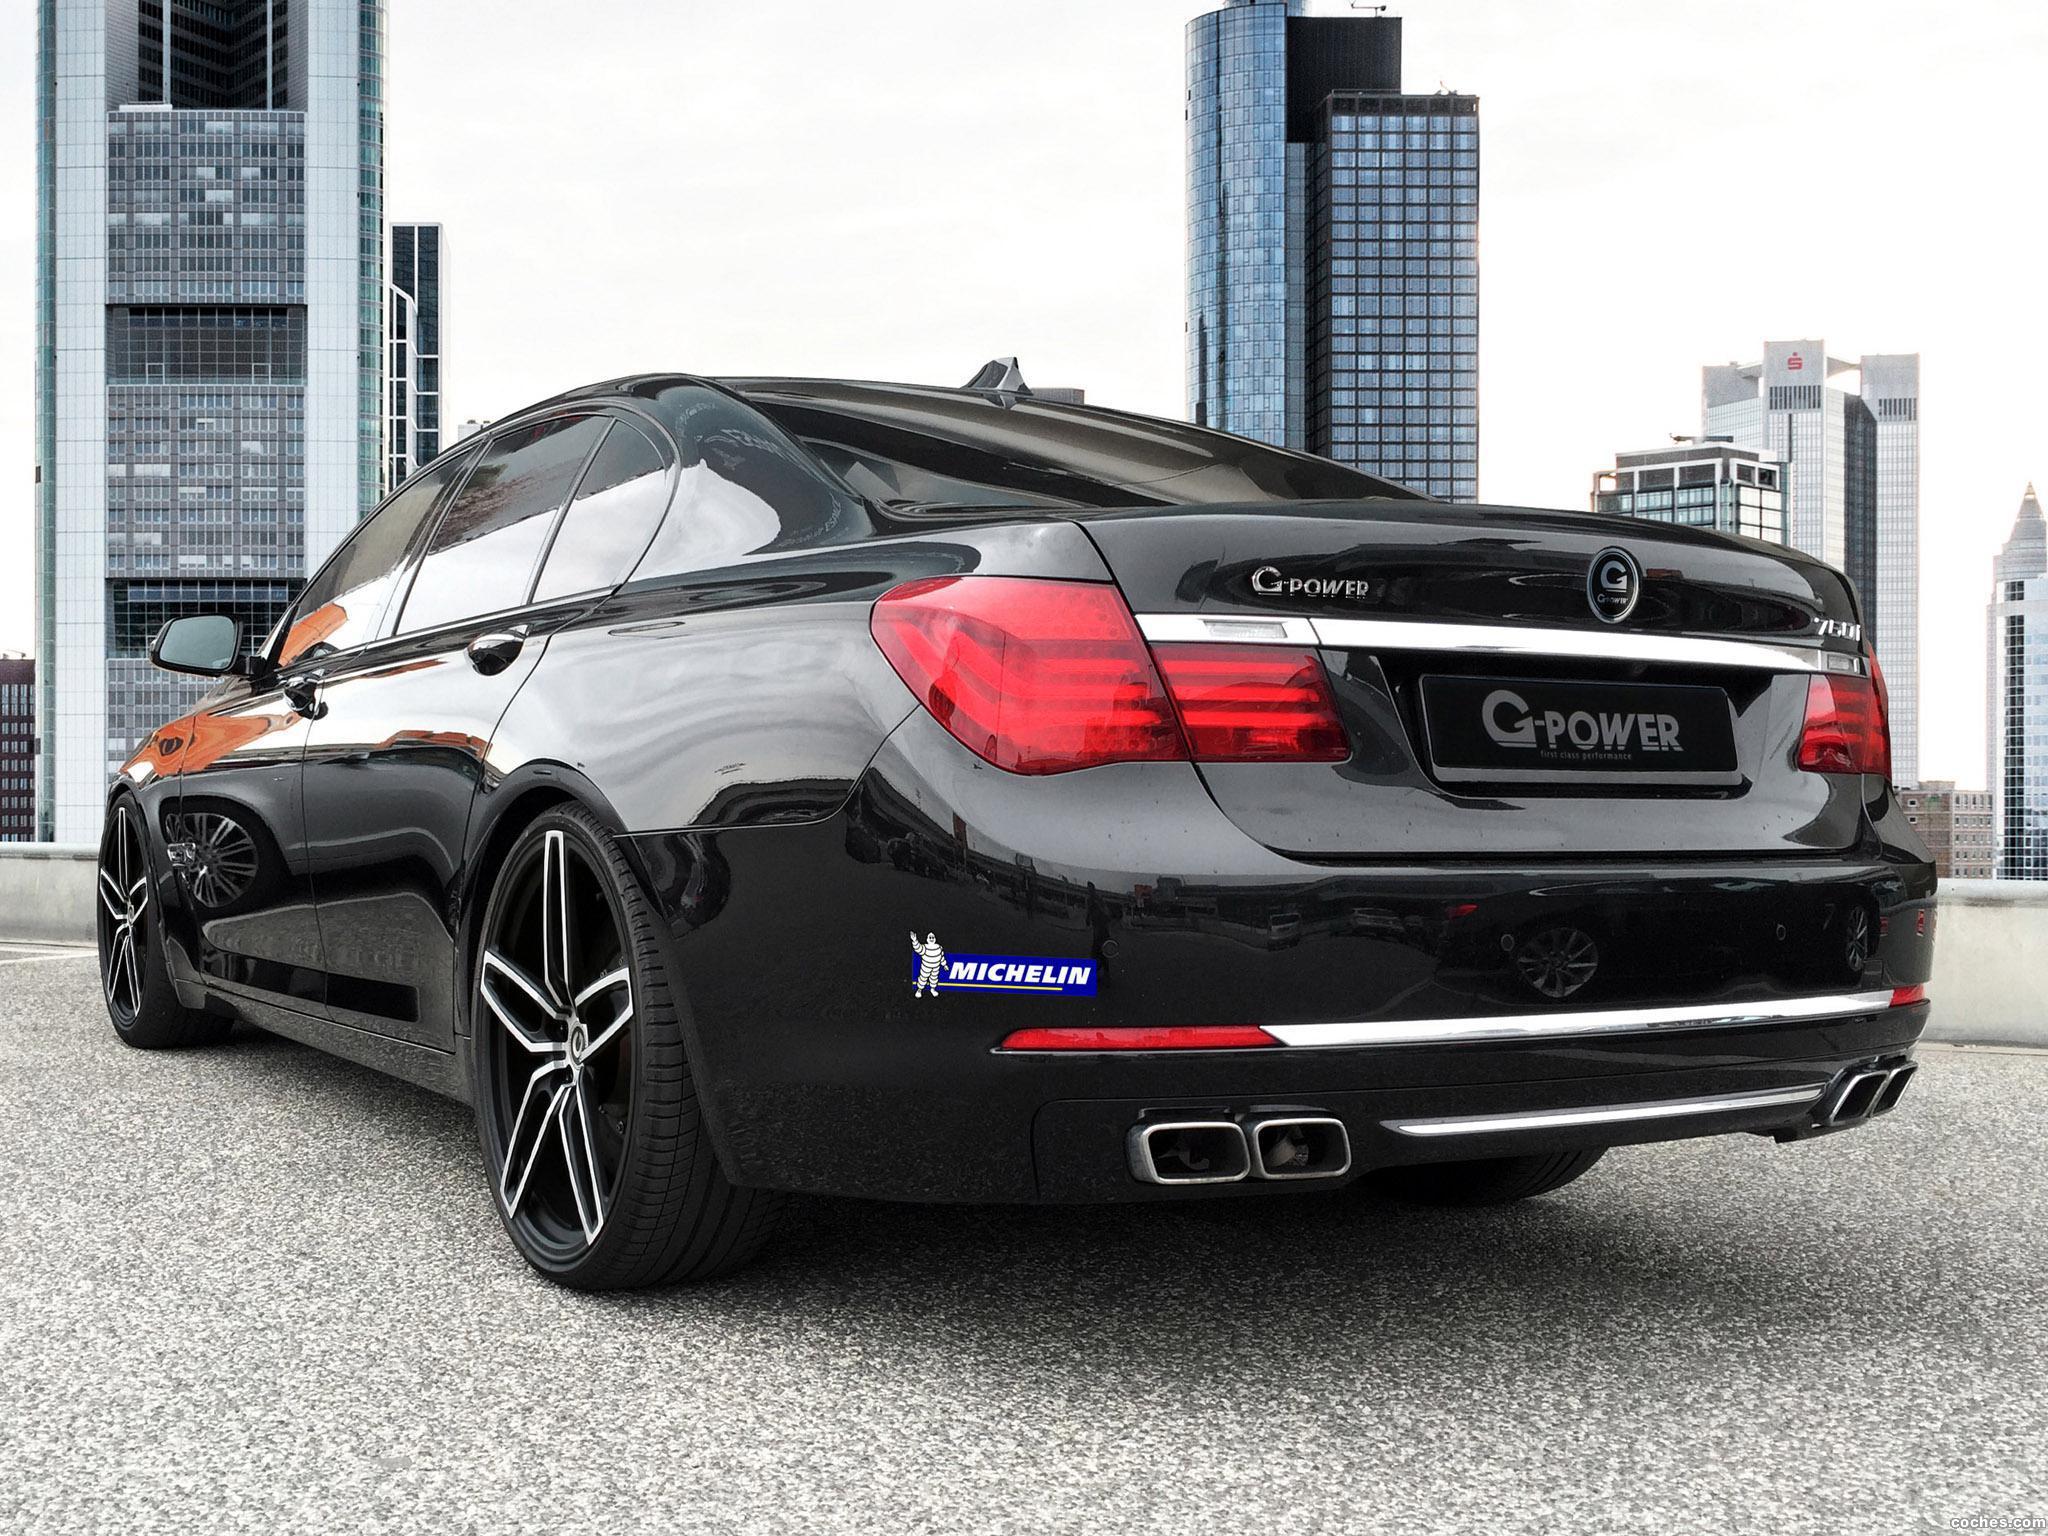 Foto 2 de G-power BMW 760i F01 2015